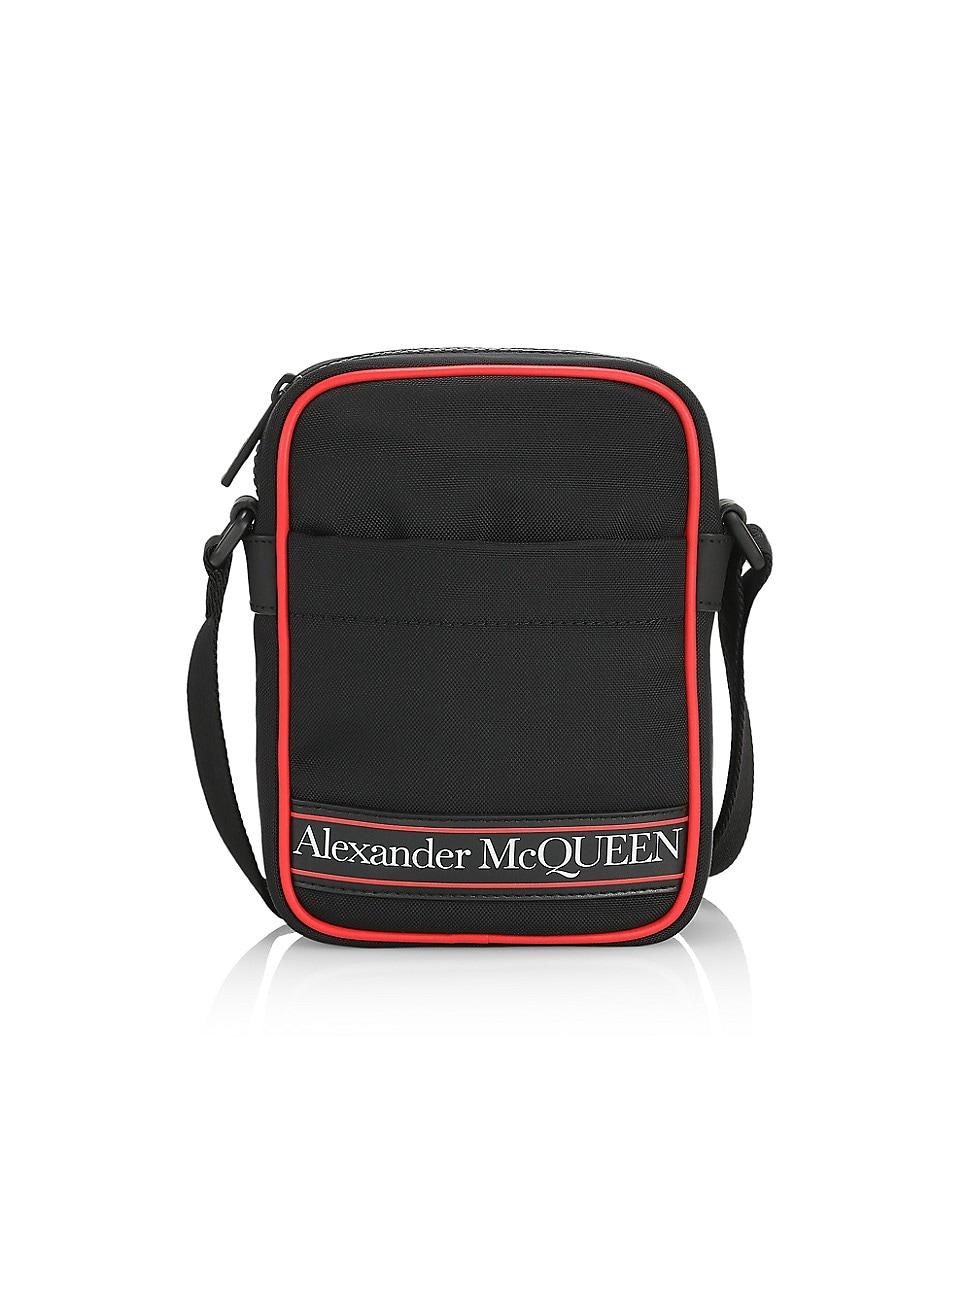 Alexander Mcqueen Men's Mini Messenger Bag In Black Red